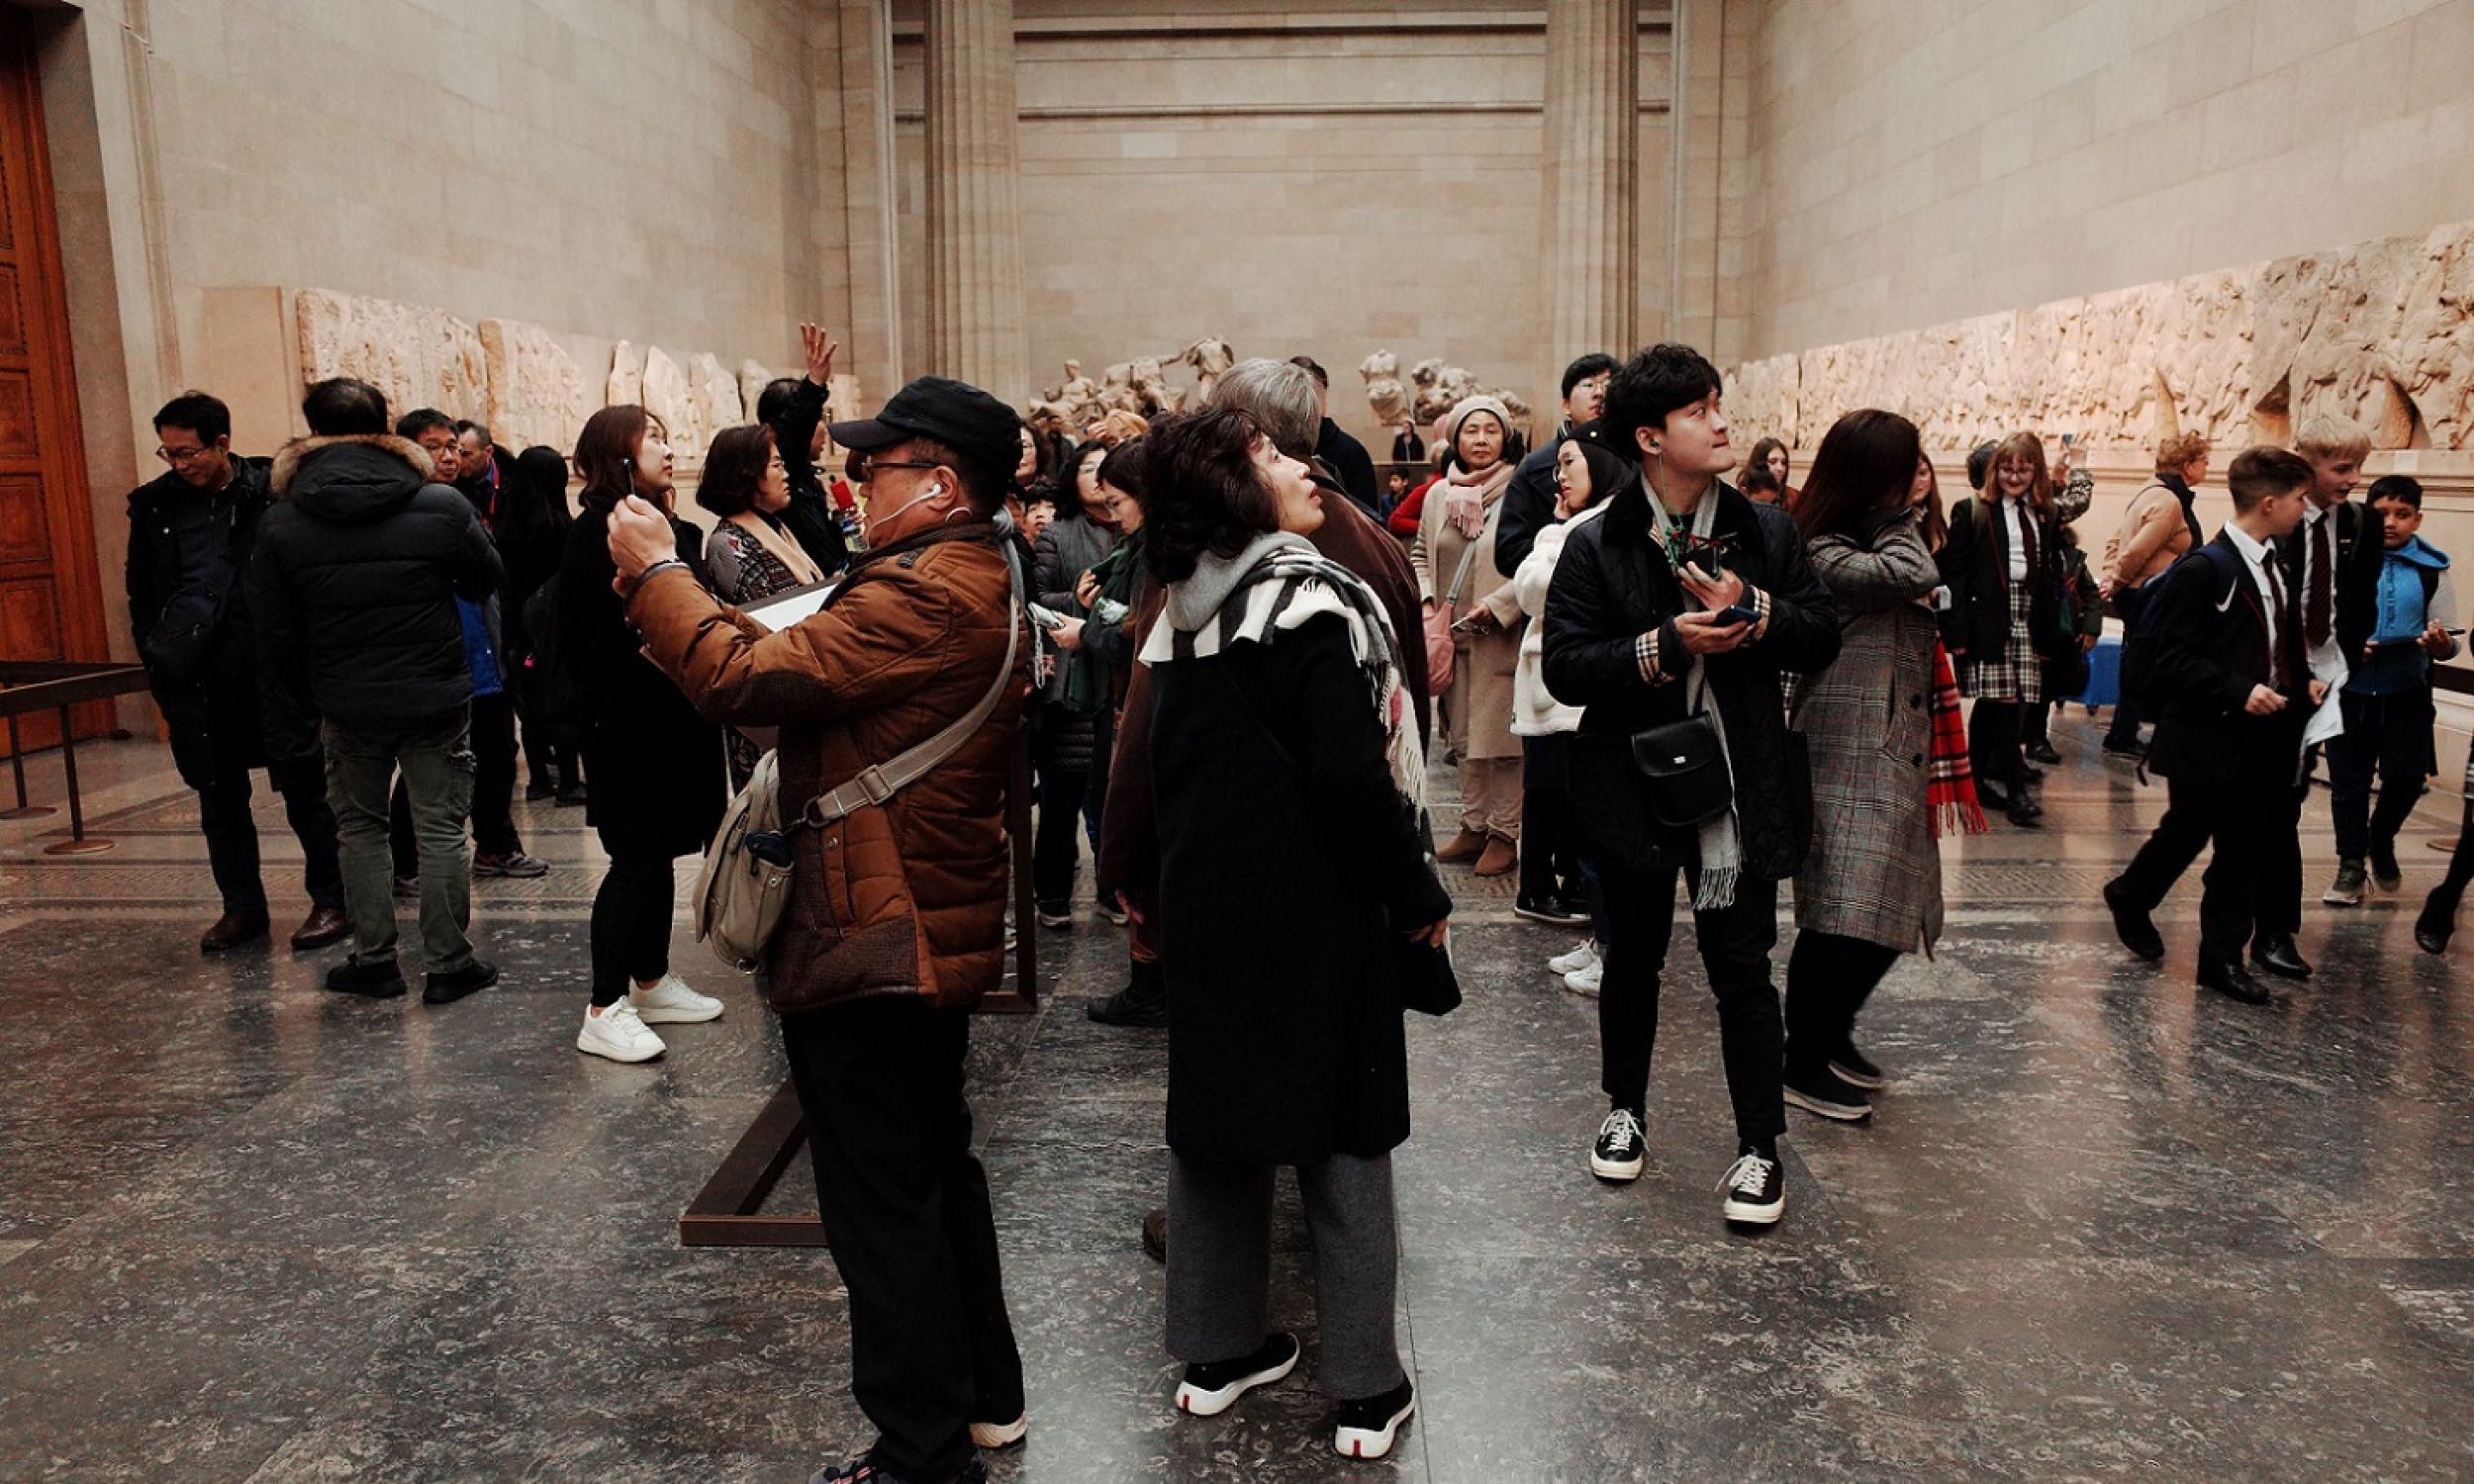 British Museum jest jedną z największych atrakcji turystycznych Londynu, ale też obiektem kontrowersji , bowiem odmawia oddania znamienitych artefaktów krajom, z których pochodzą. Nie zamierza m.in. wydać Grecji rzeźb z Partenonu (na zdjęciu). Fot. David Cliff / SOPA Images / LightRocket via Getty Images